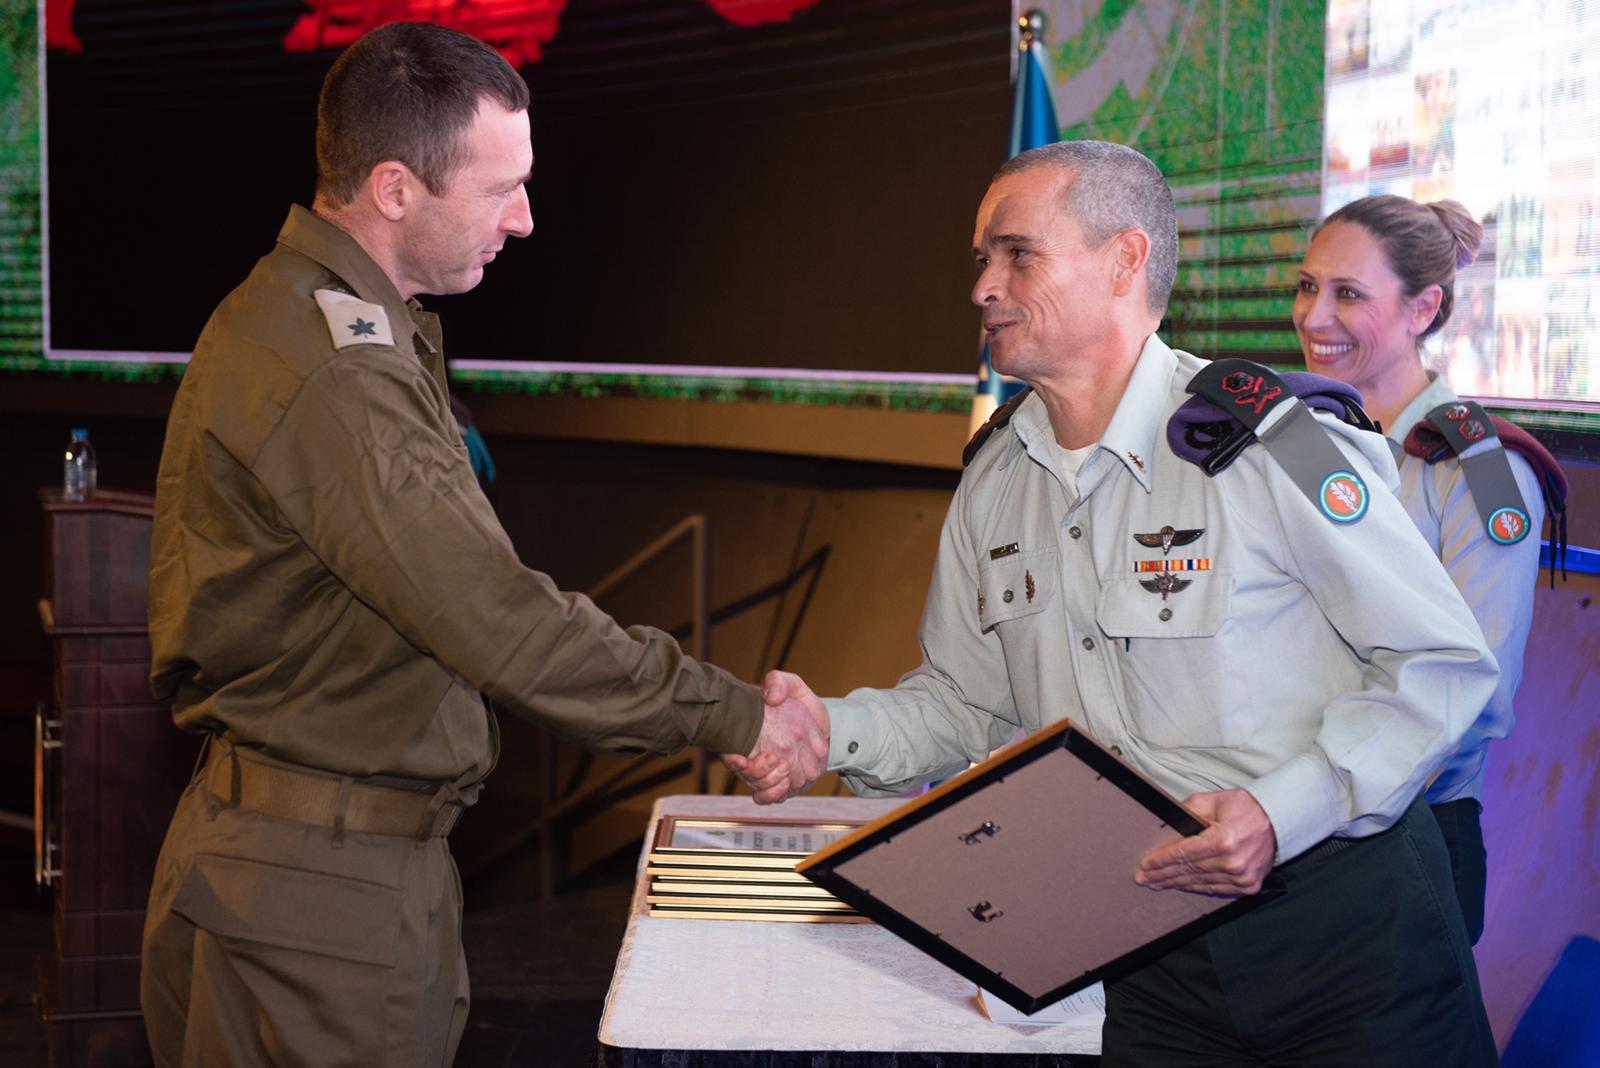 """רס""""ן במיל' זוהר קופרברג מקבל את תעודת ההצטיינות מאלוף יואל סטריק. צילום דובר צה""""ל"""